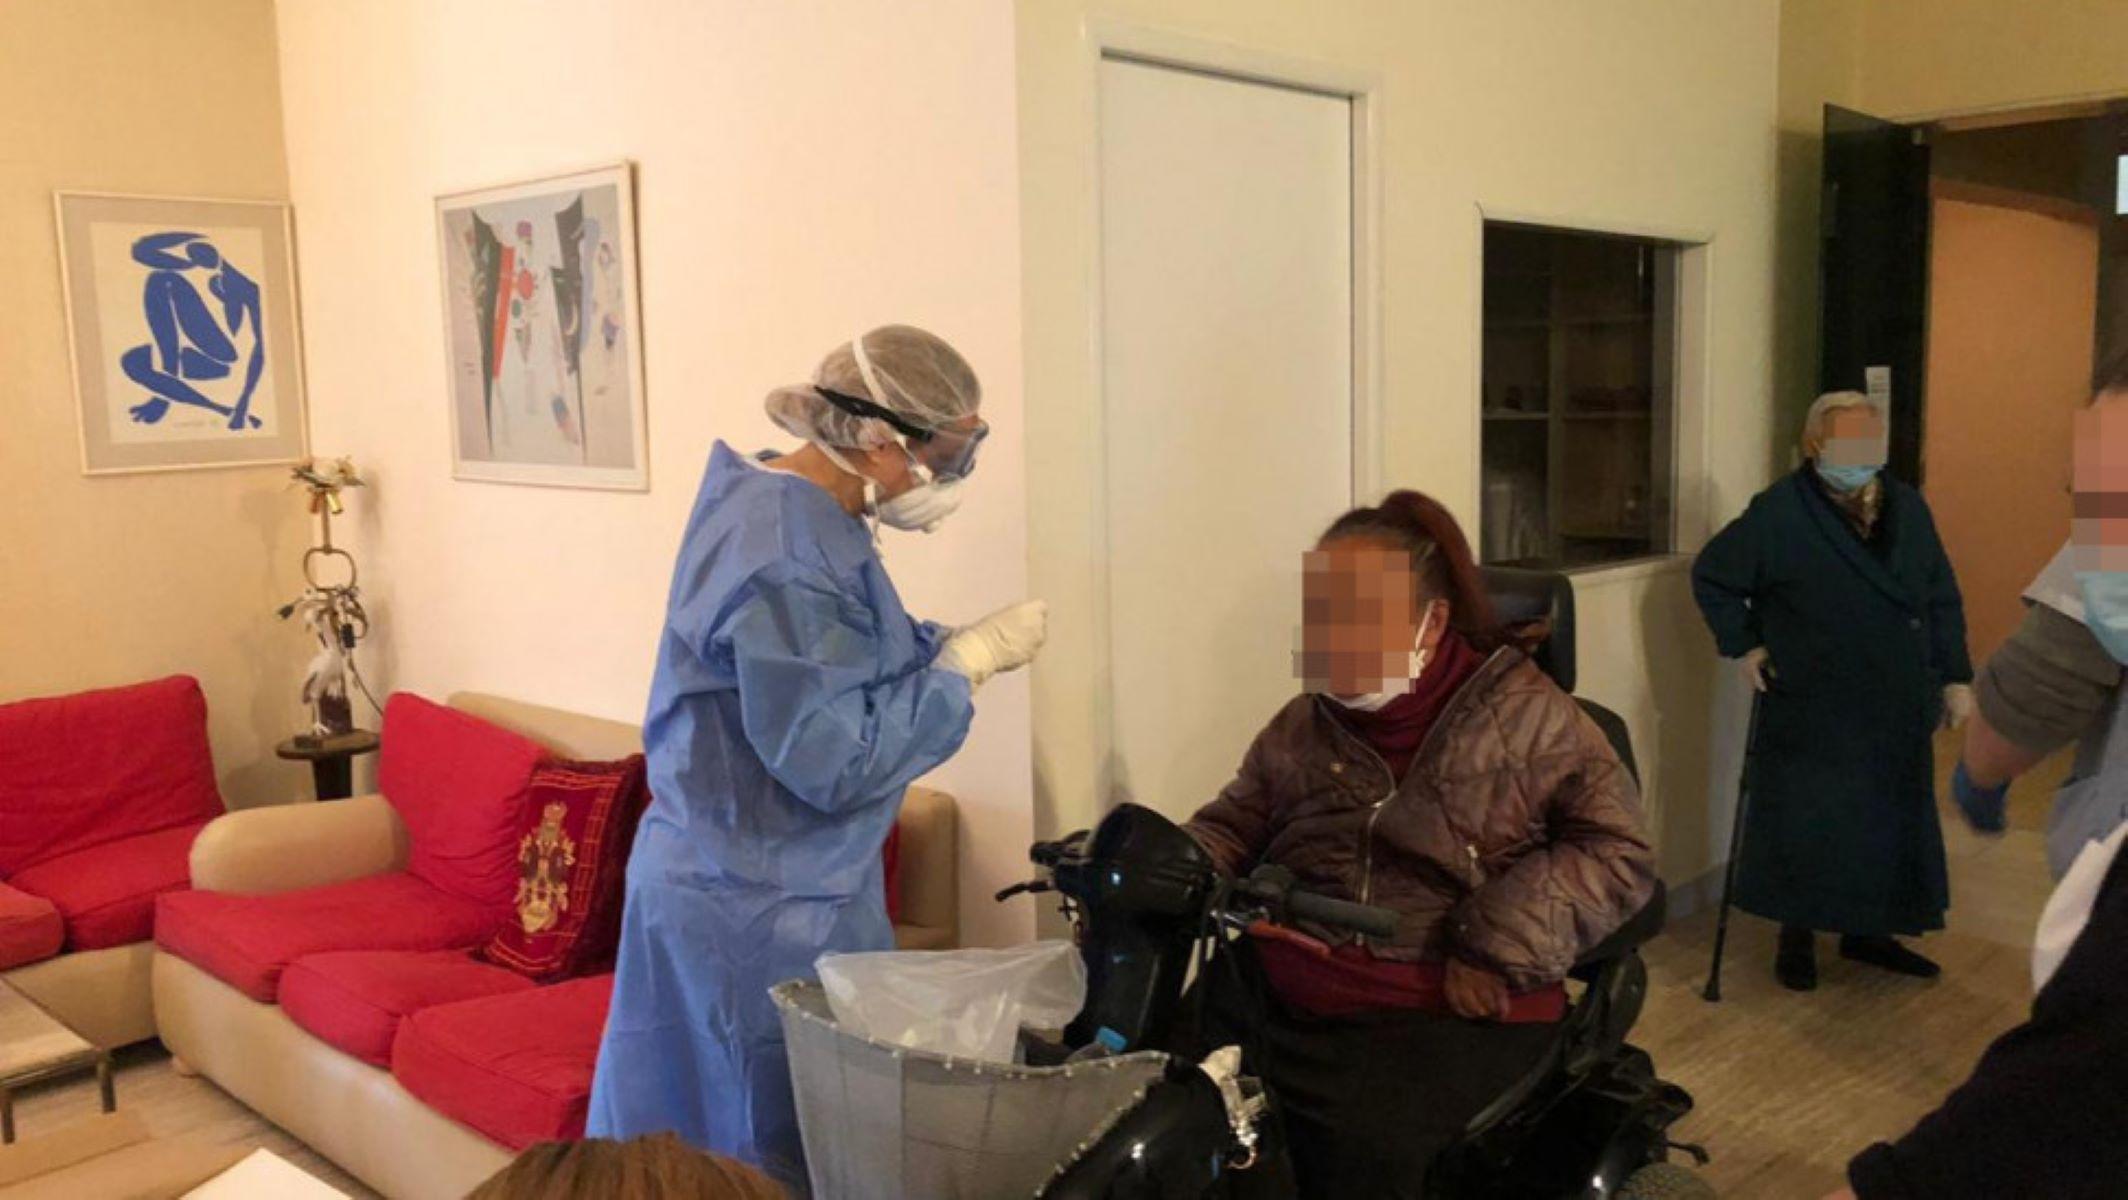 Κορωνοϊός: Δέκα μέρες σε καραντίνα γηροκομείο στα Ιωάννινα